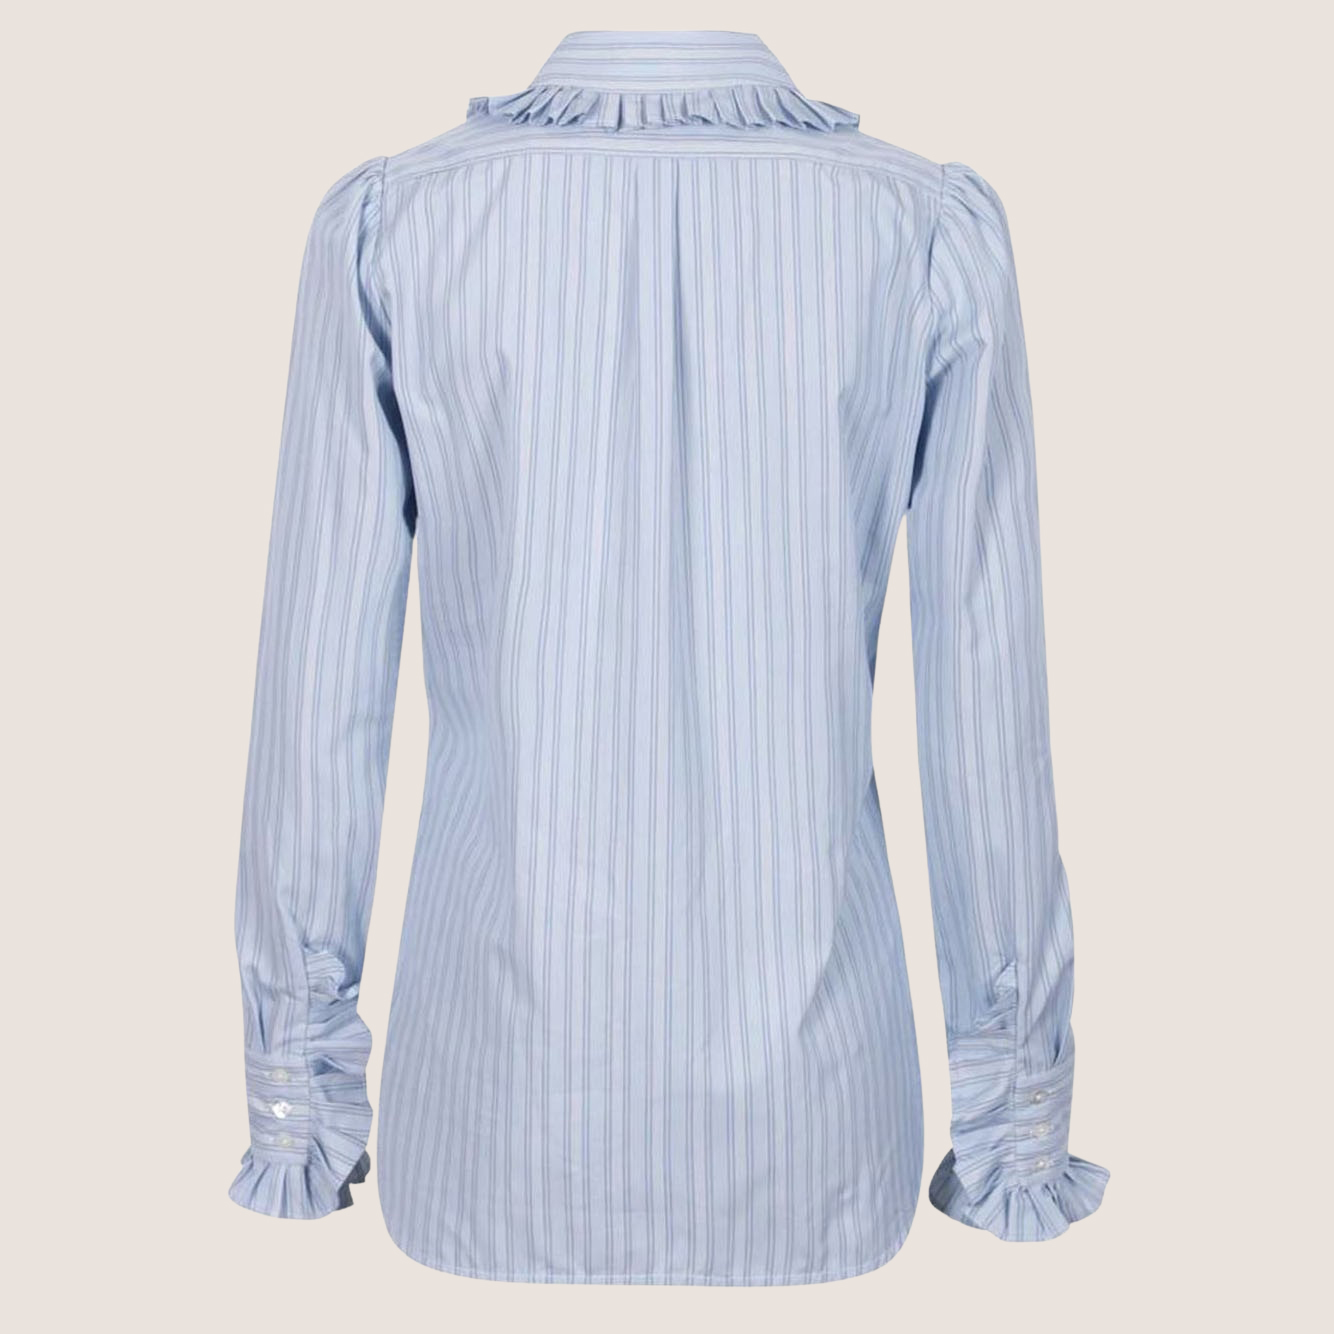 June Shirt